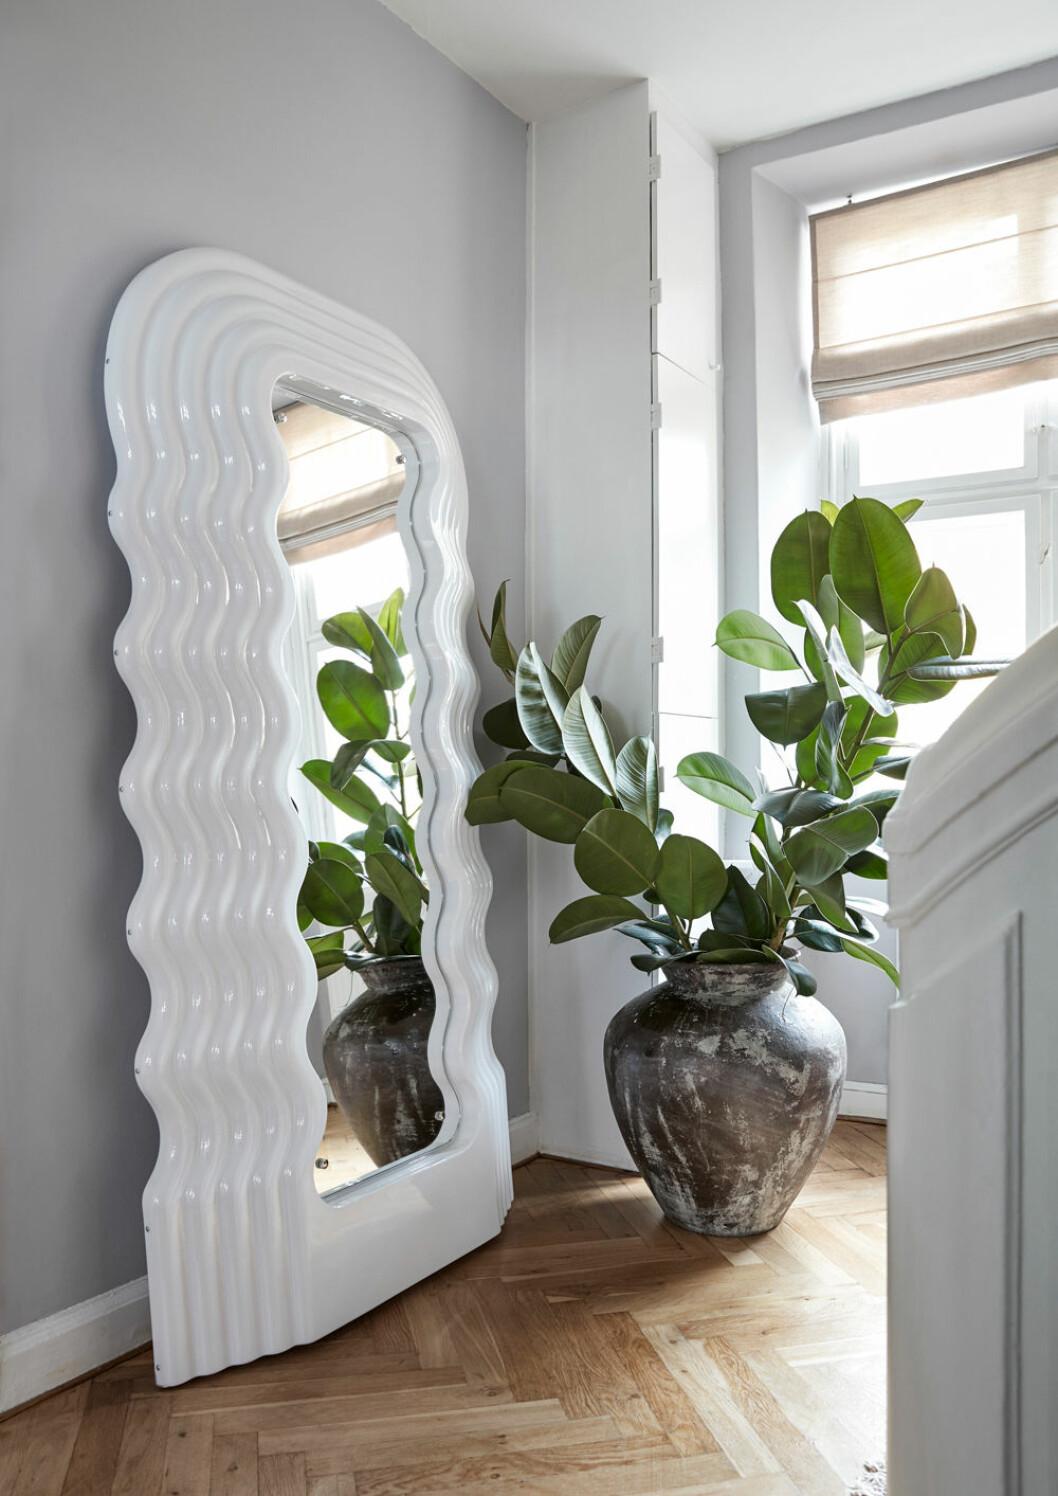 Hemma hos Emili Sindlev Köpenhamn spegel Ultrafragola